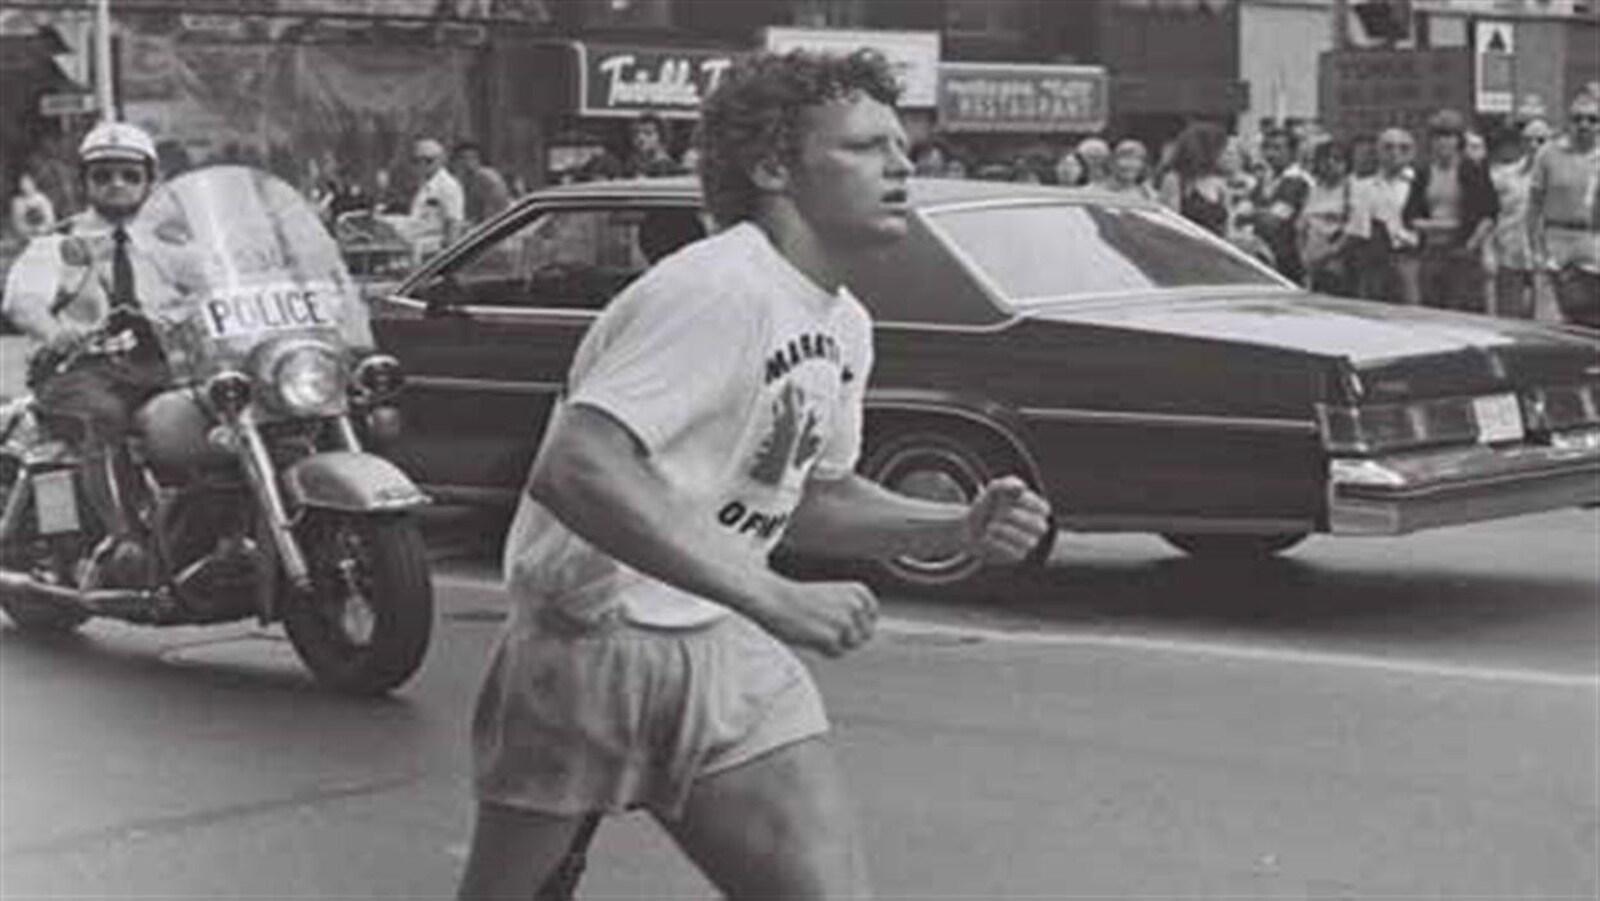 Un coureur avec une jambe artificielle court dans une rue alors qu'il est escorté des policiers. La photo est en blanc et noir et date des années 1980.